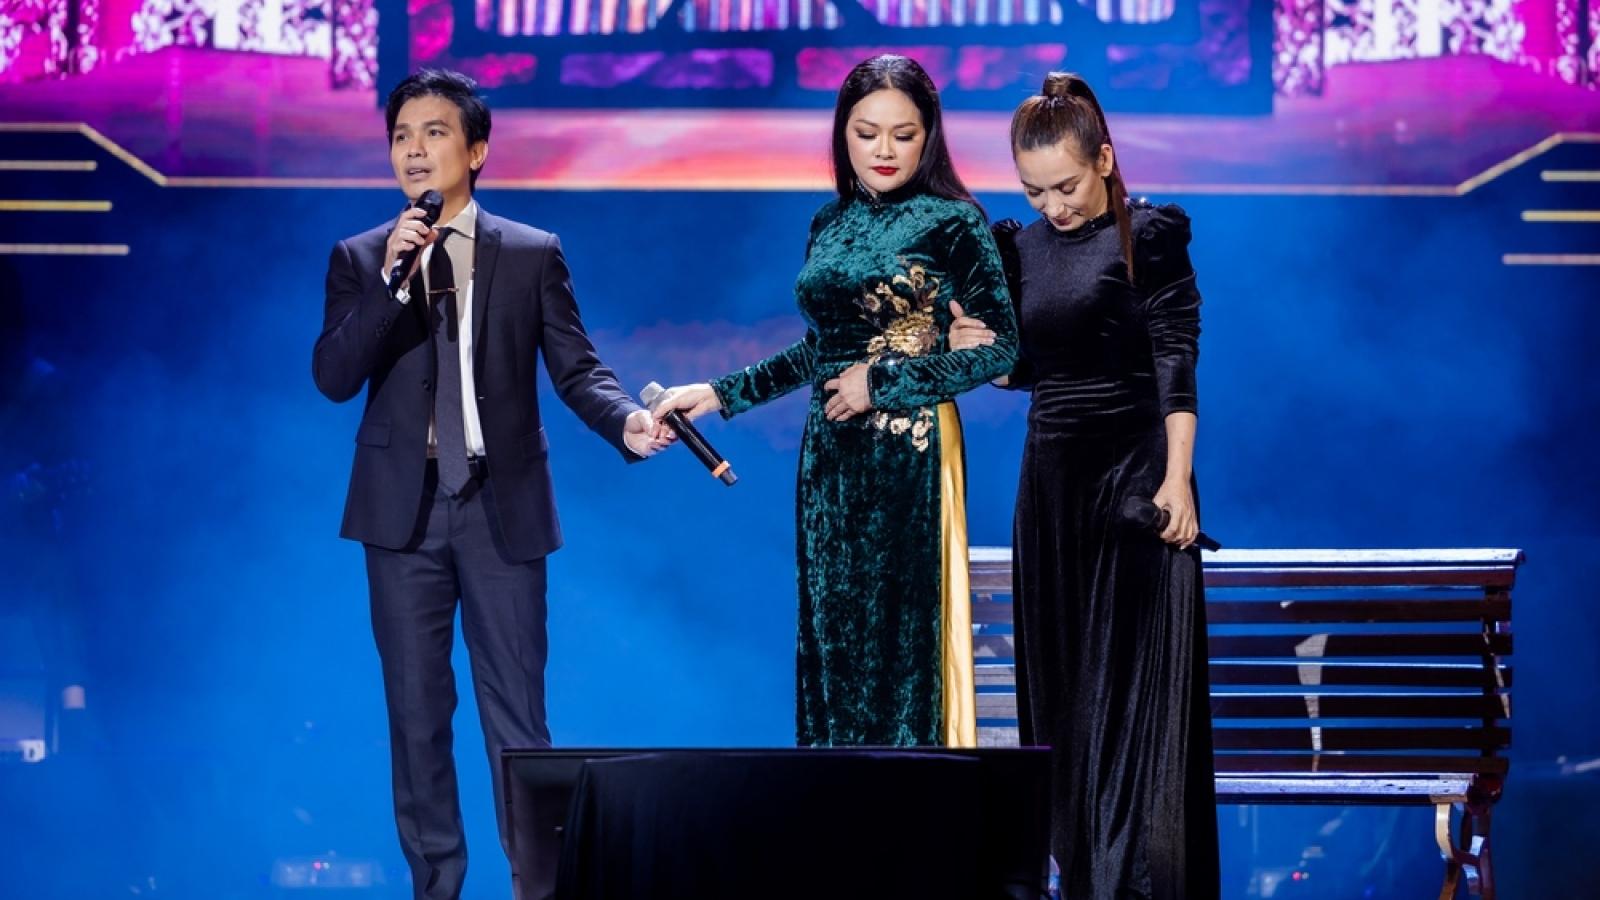 """Như Quỳnh - Mạnh Quỳnh - Phi Nhung tái hiện liên khúc """"Nhẫn cưới"""" sau tròn 20 năm"""